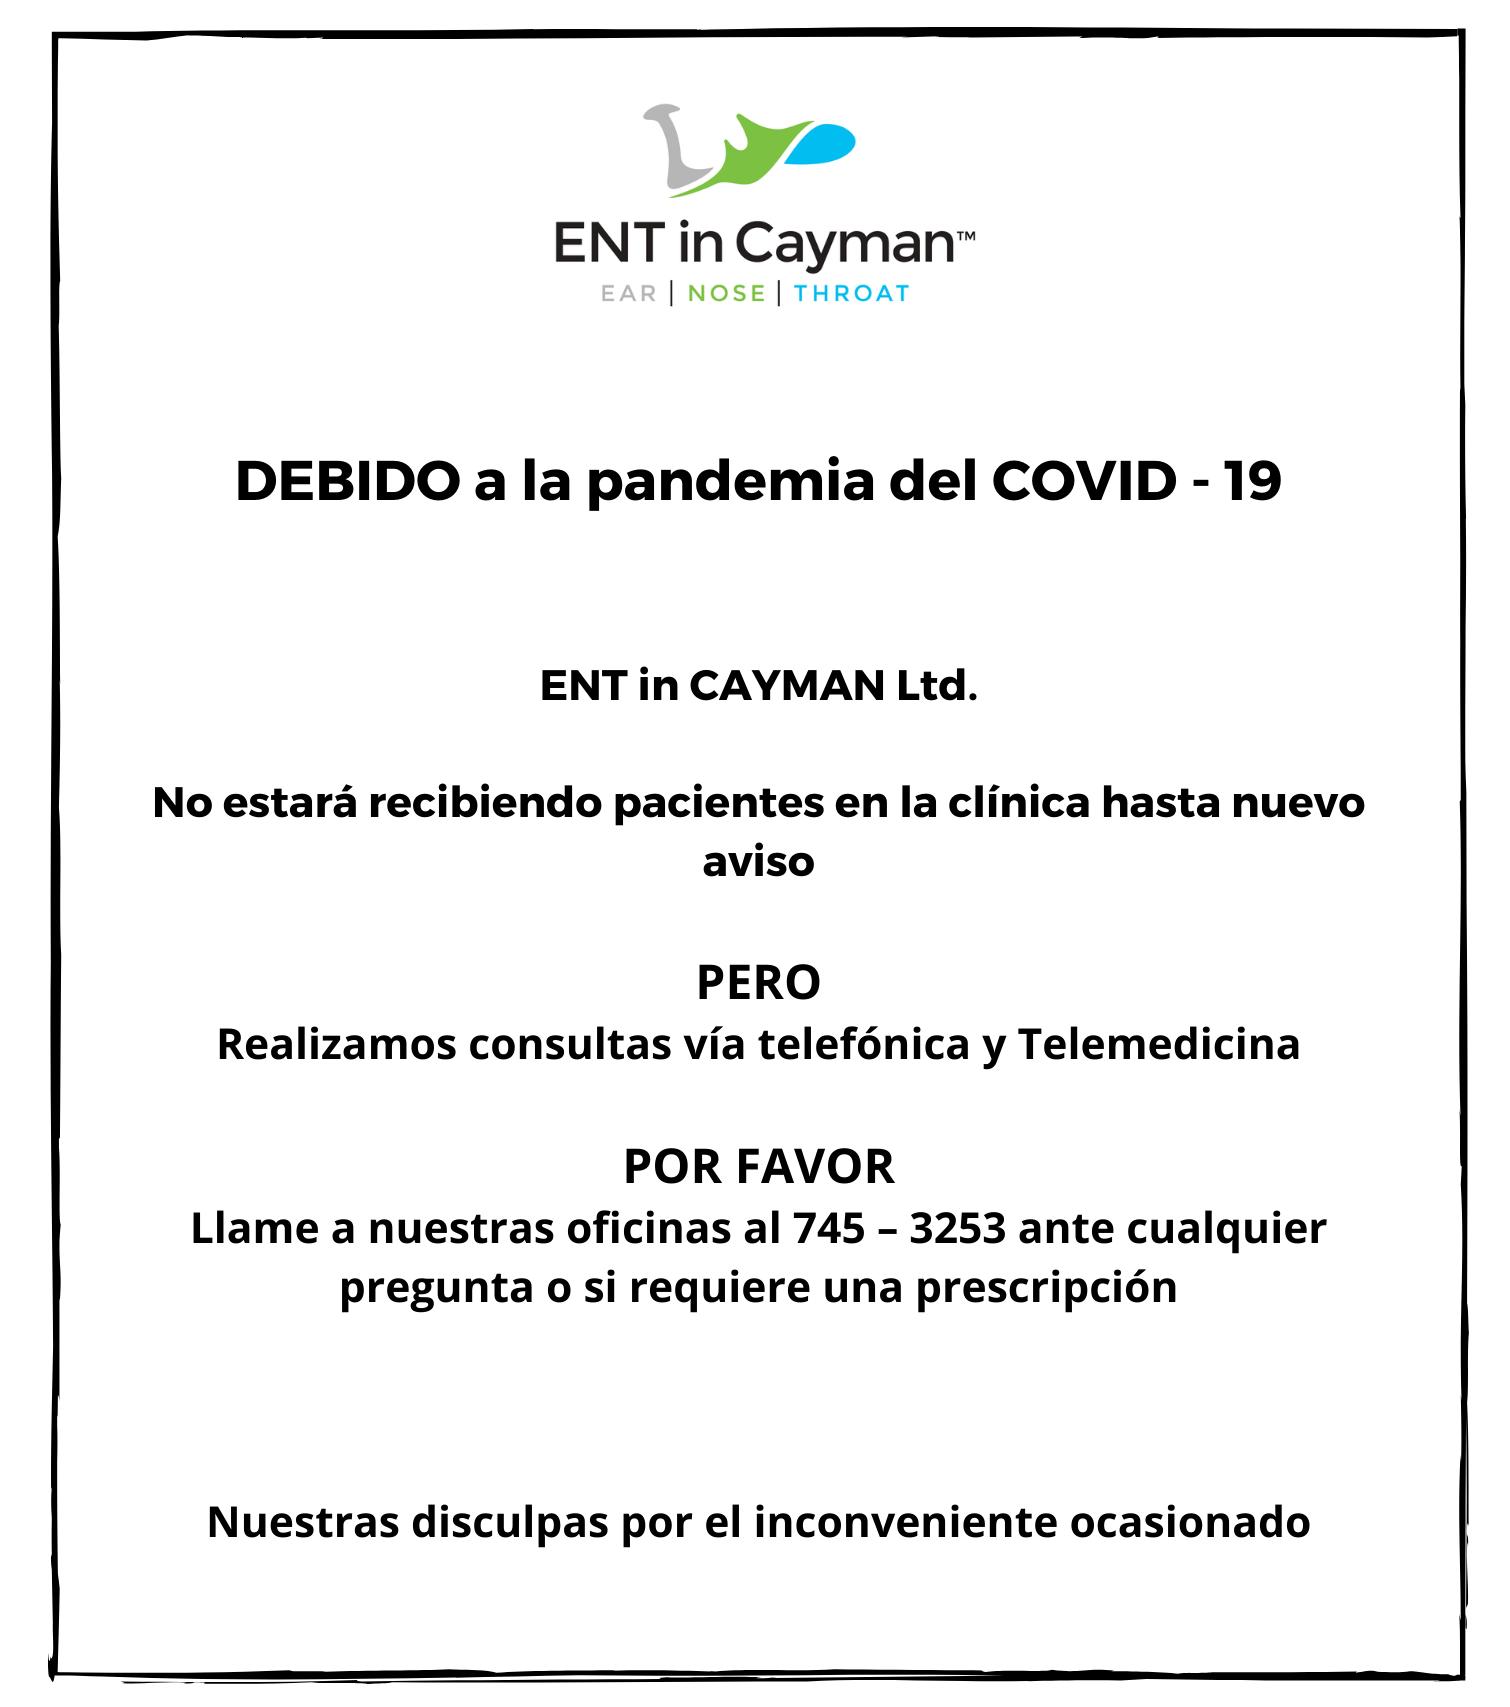 https://www.entincayman.com/es/wp-content/uploads/espaniol.png